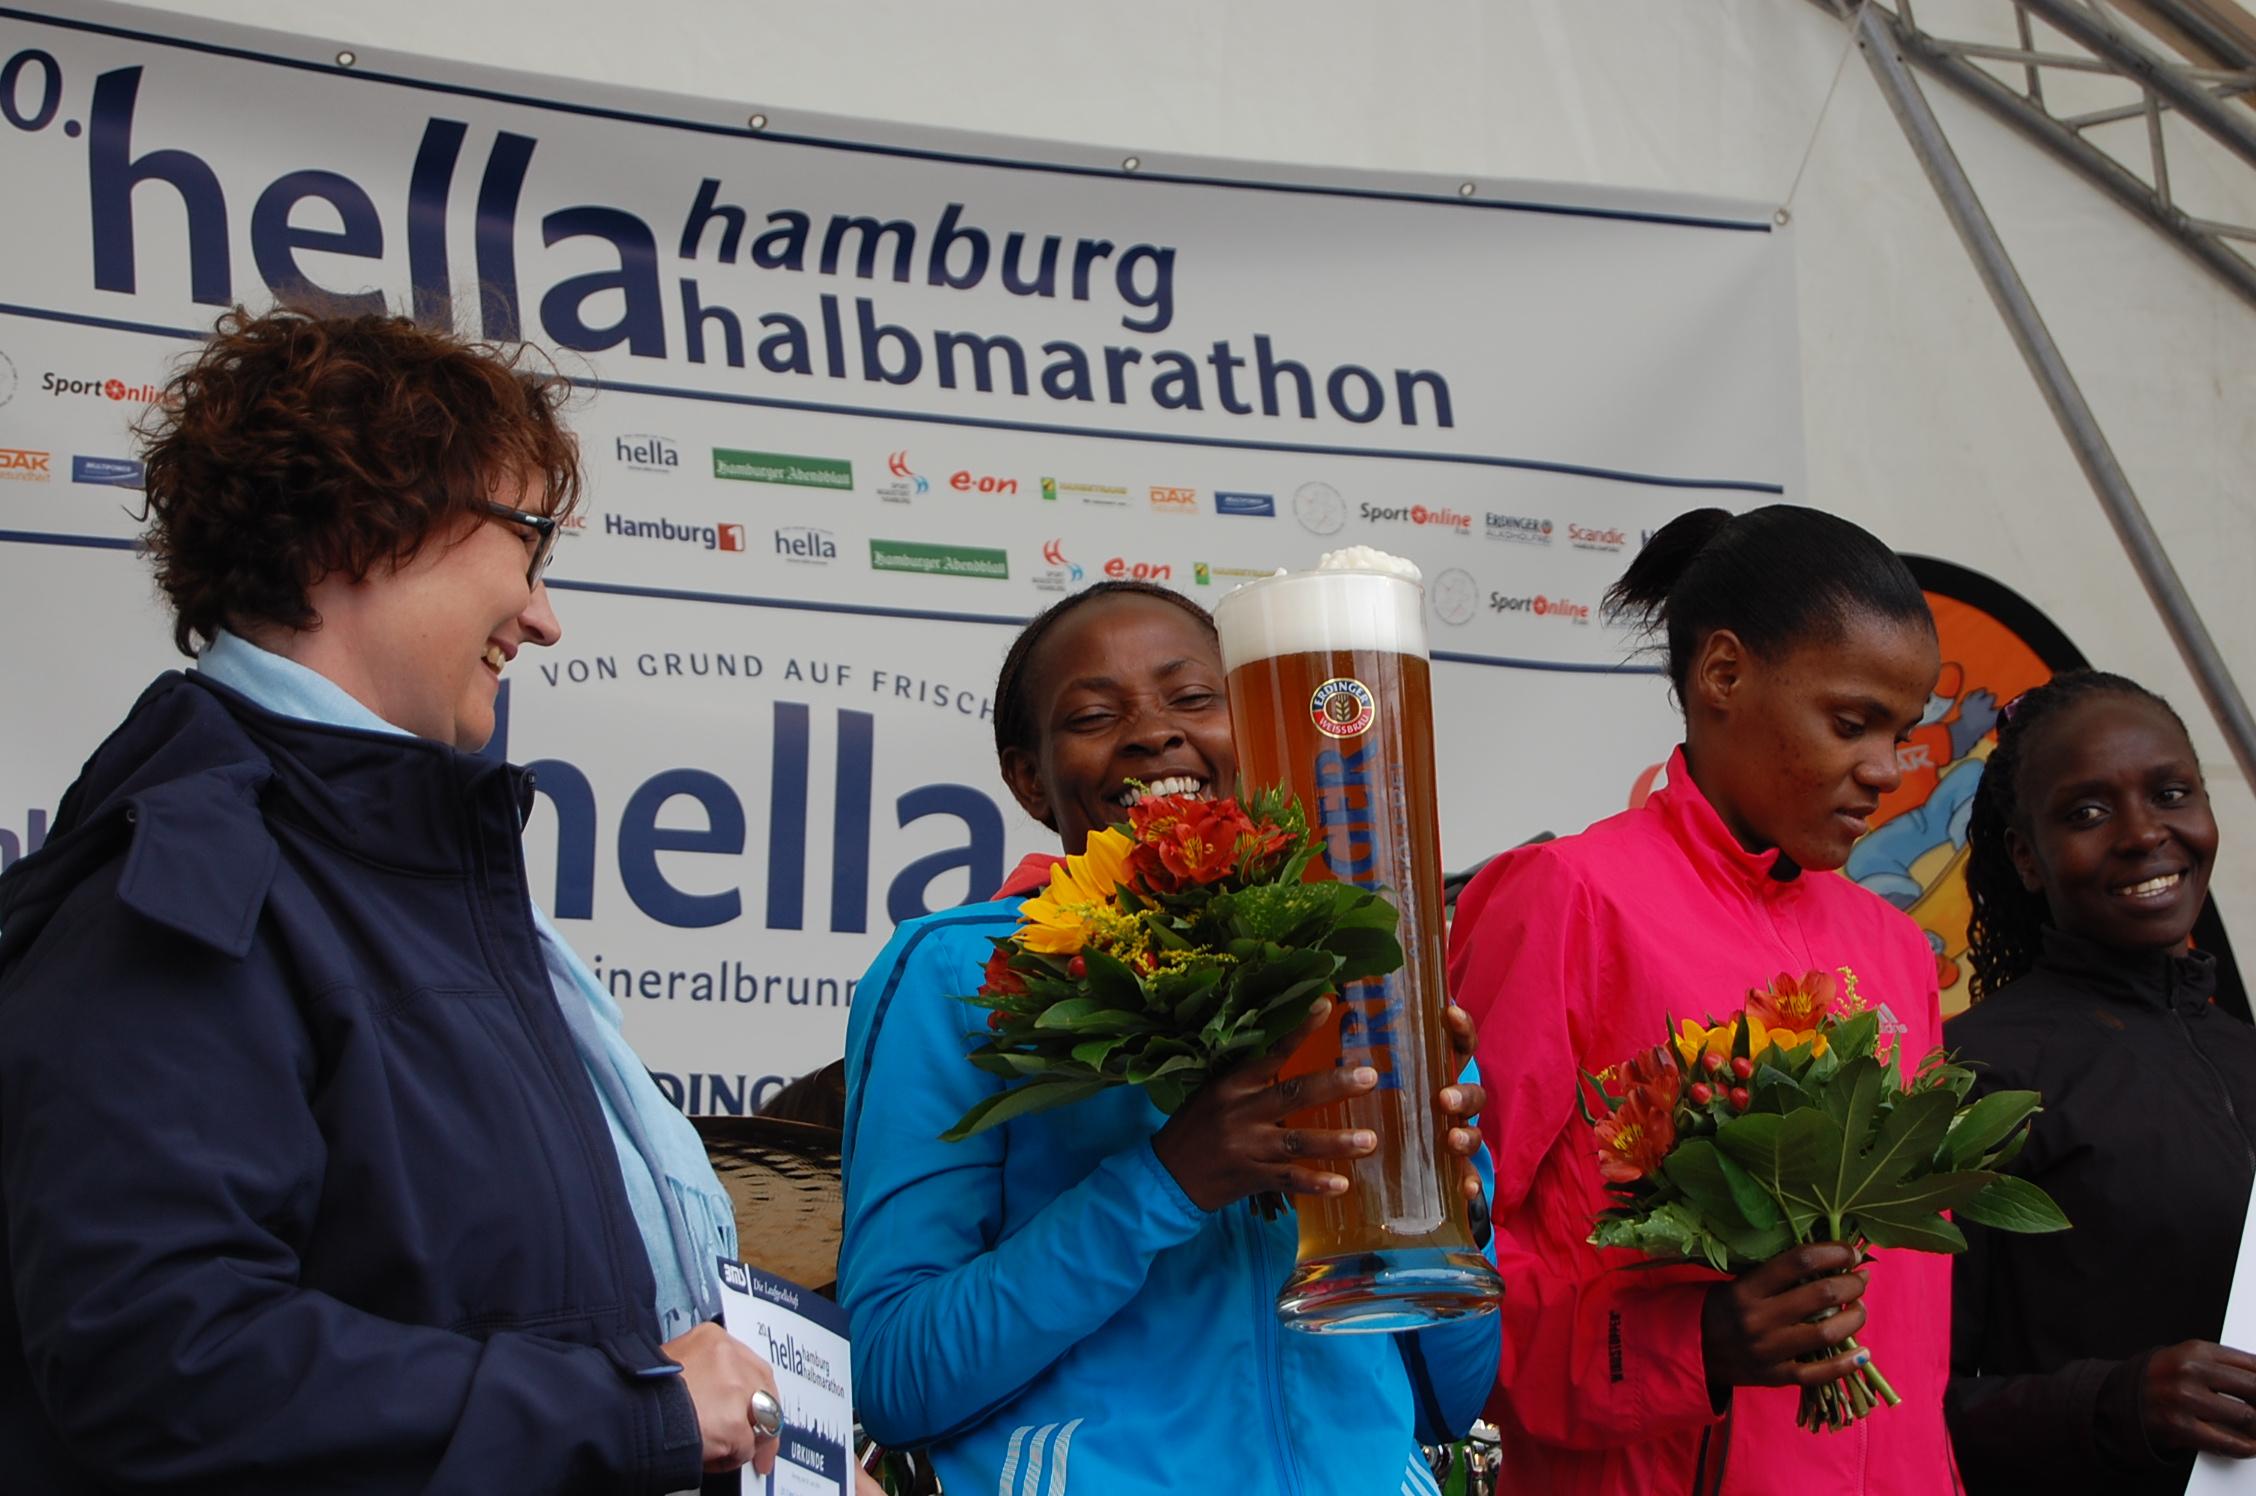 20. hella Halbmarathon: Siegerehrungen